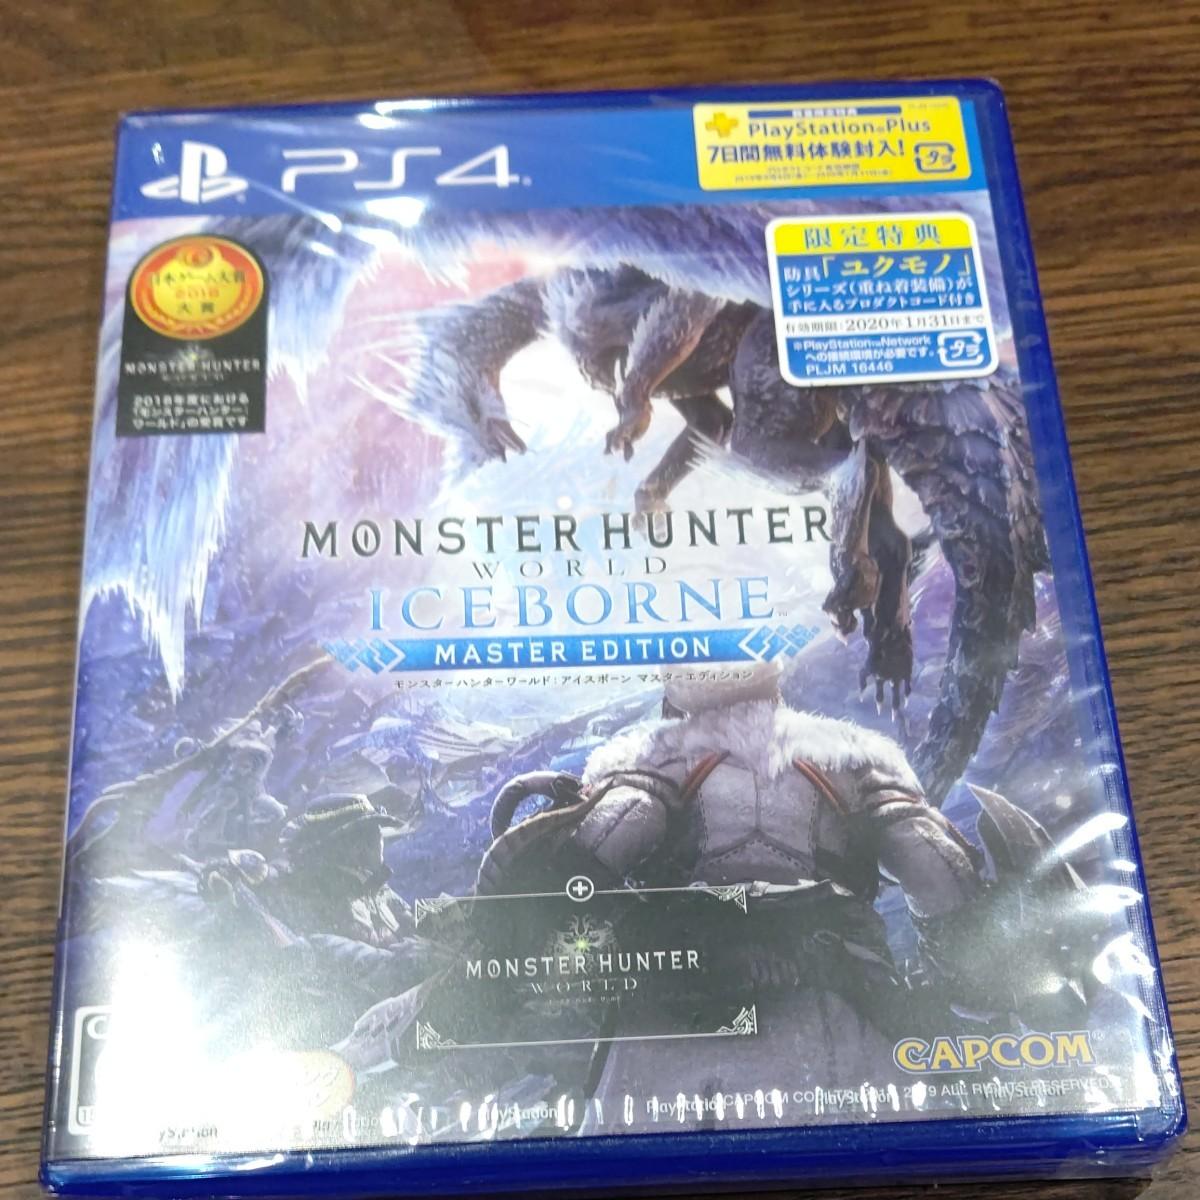 PS4 新品未開封 通常版 モンスターハンターワールド アイスボーン マスターエディション